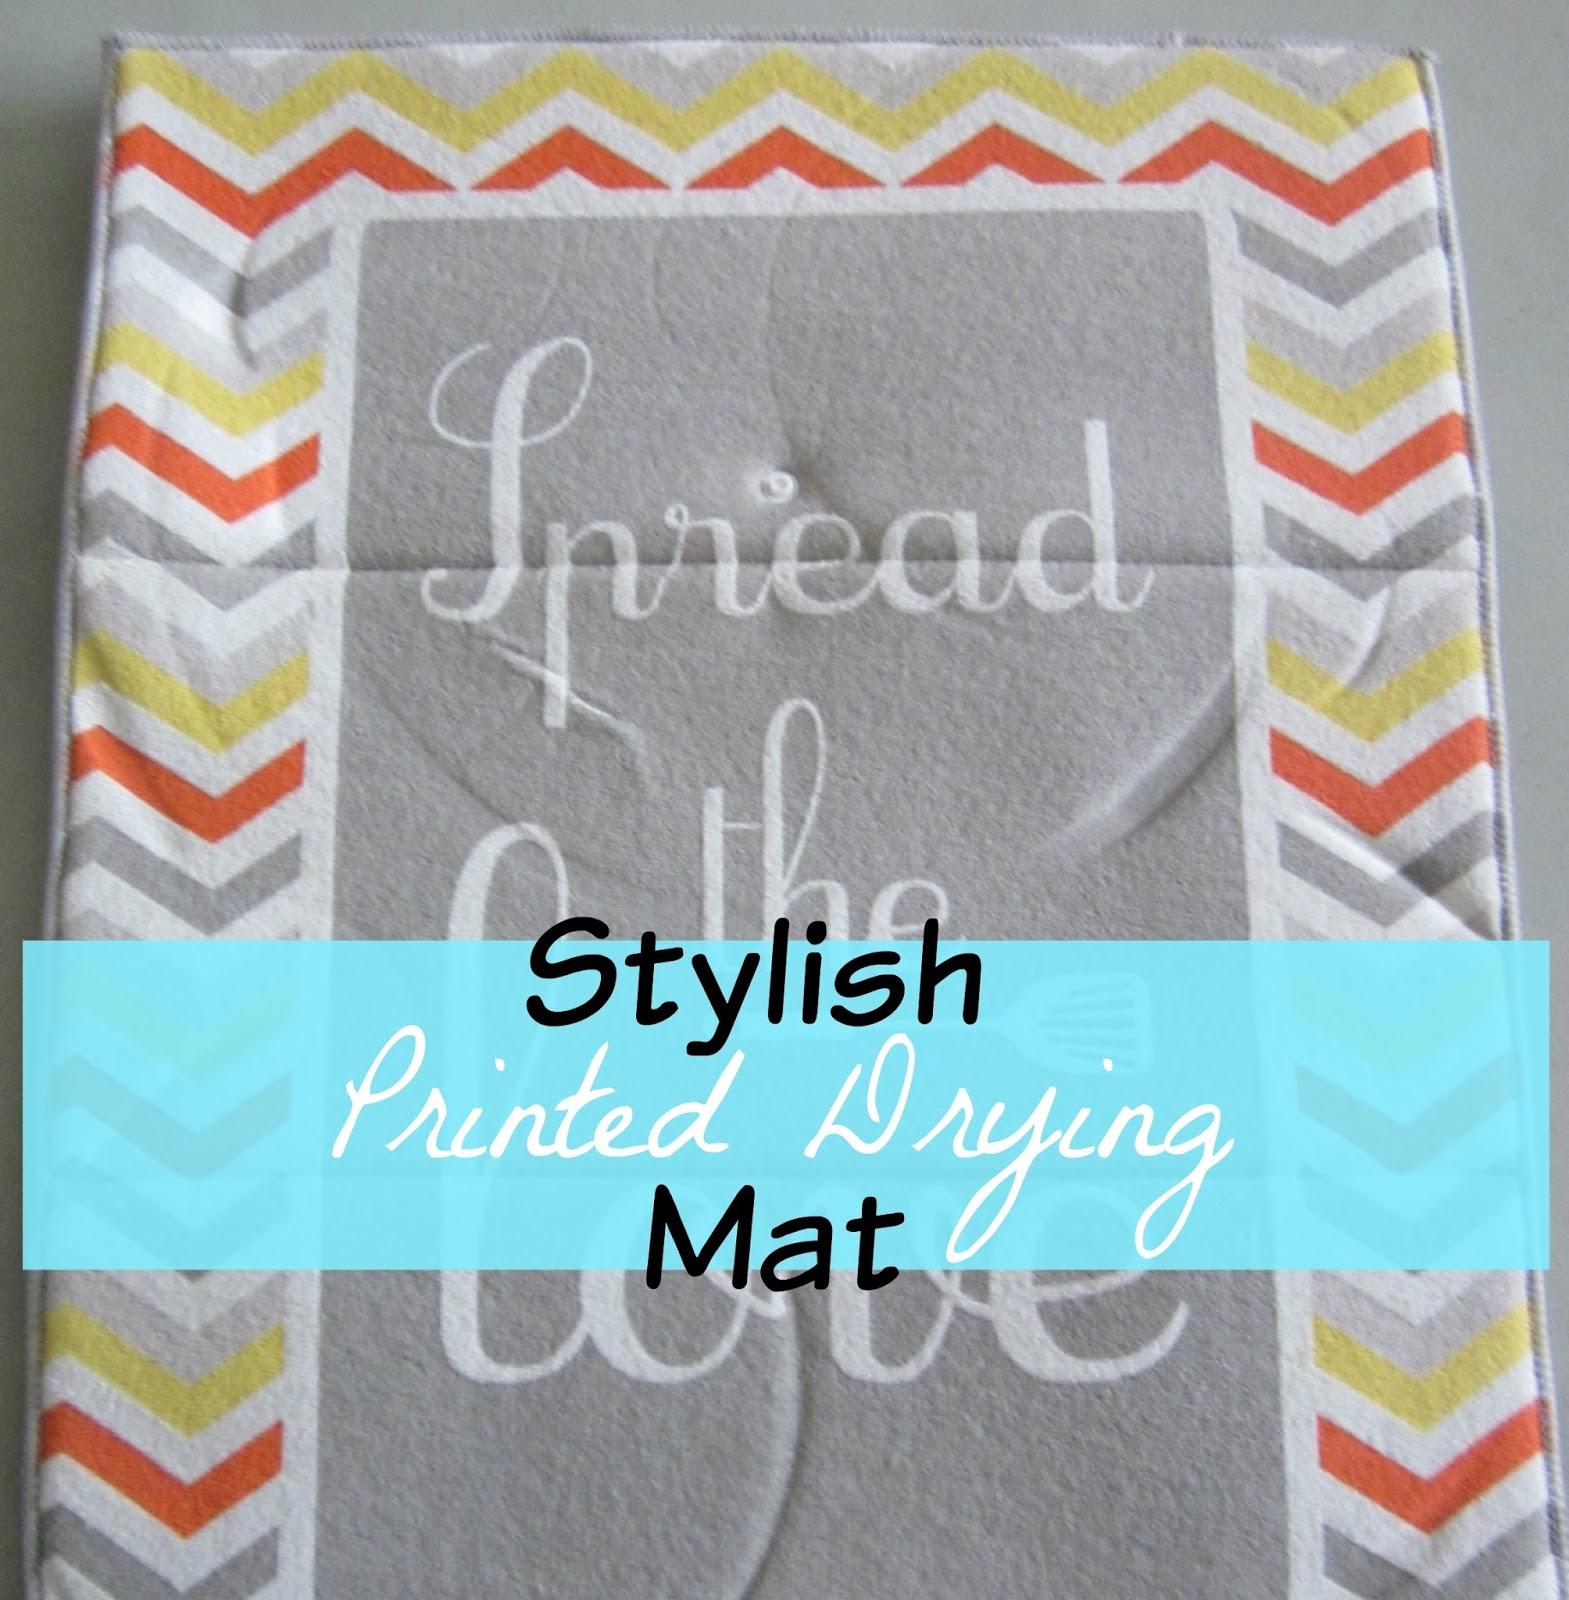 printed drying mat